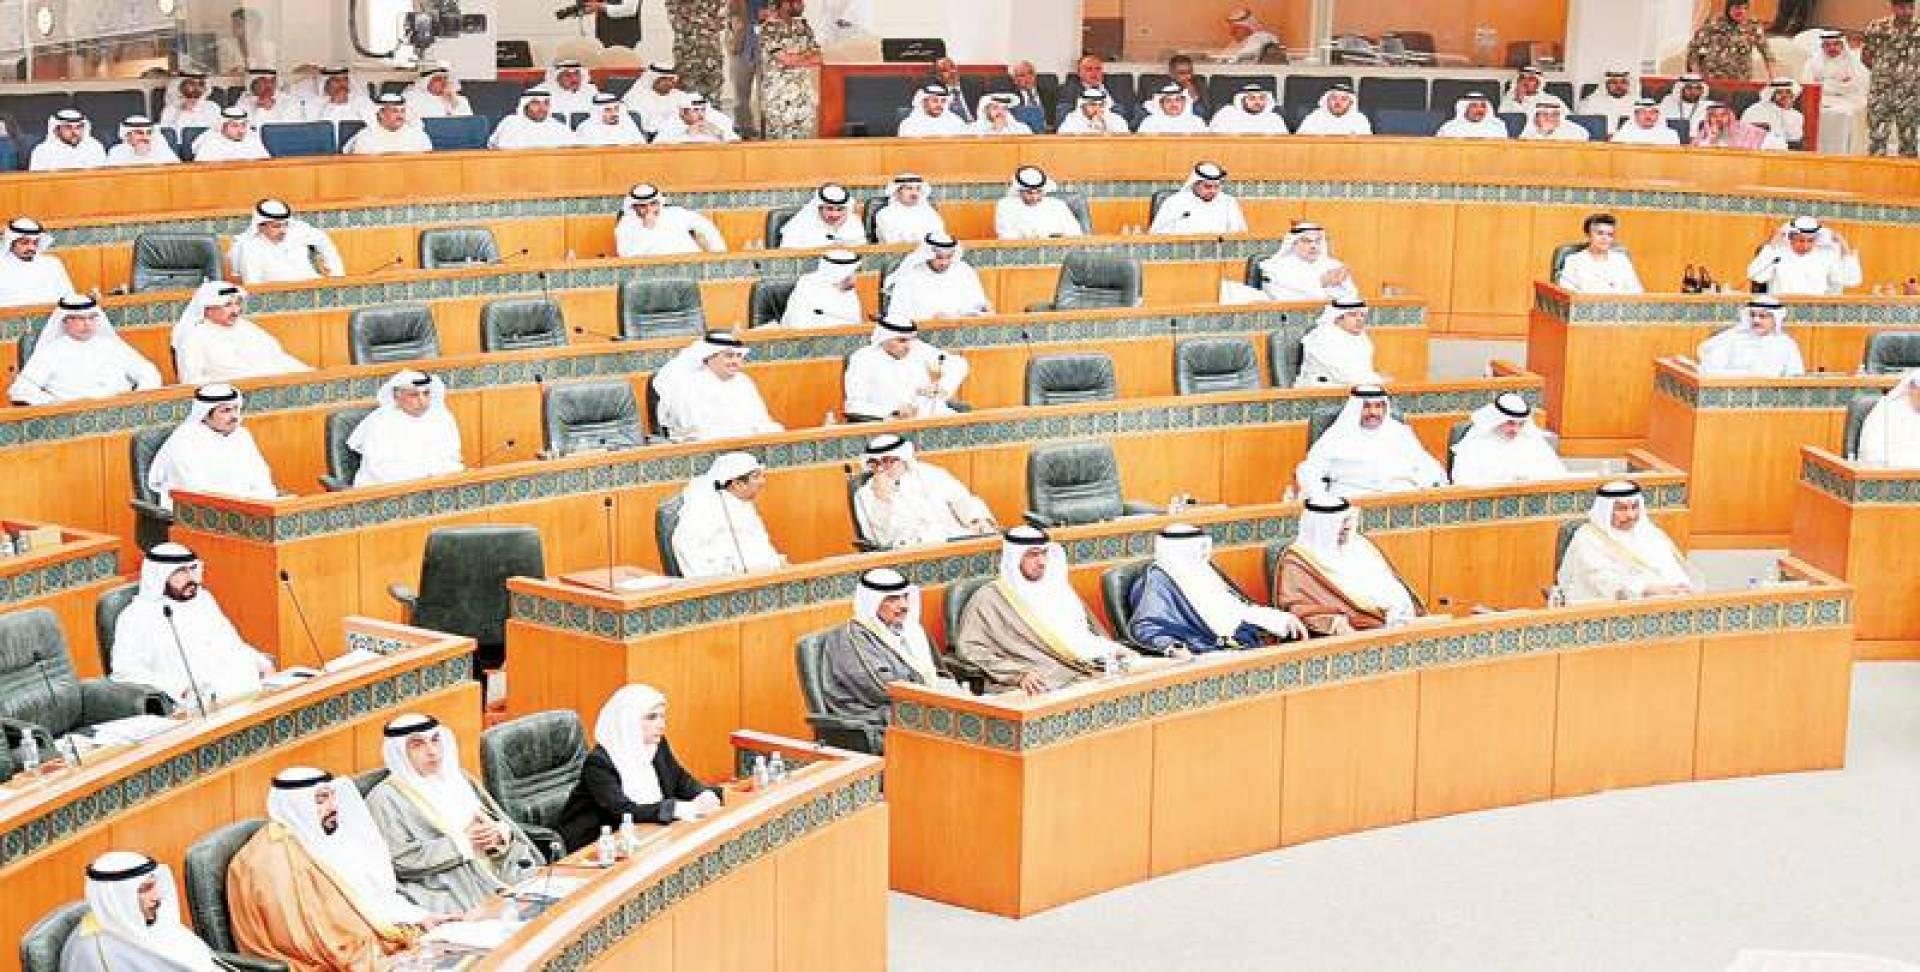 اللجنة البرلمانية ترصد تقصيراً في «المالية»